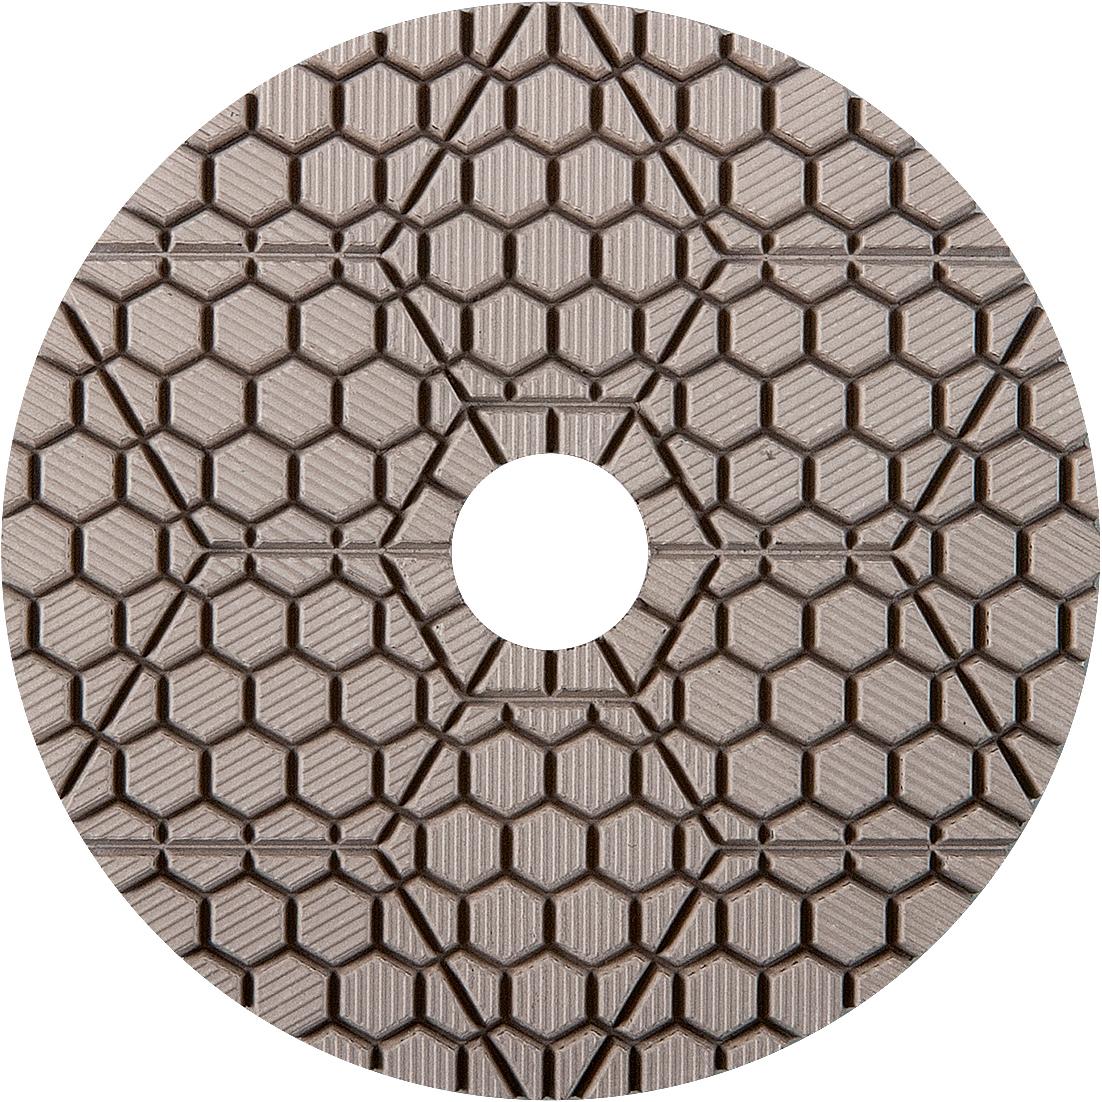 DIAREX Schleifbelag ADR 3-Step ø 100 mm | Korn 3